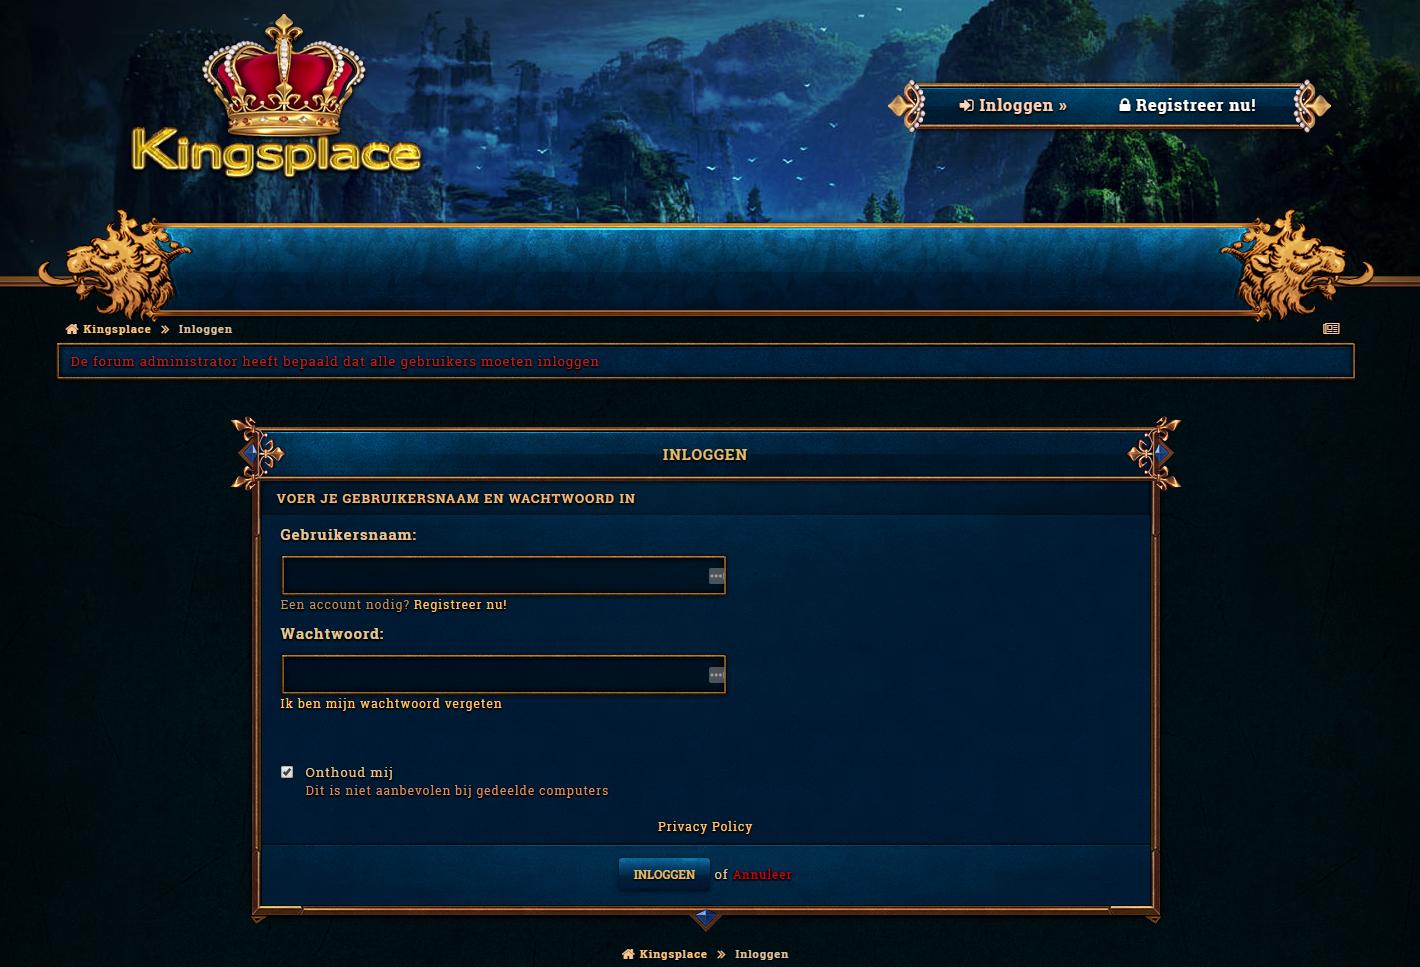 http://kingsplace rocks offline - Downloaden via Nieuwsgroepen